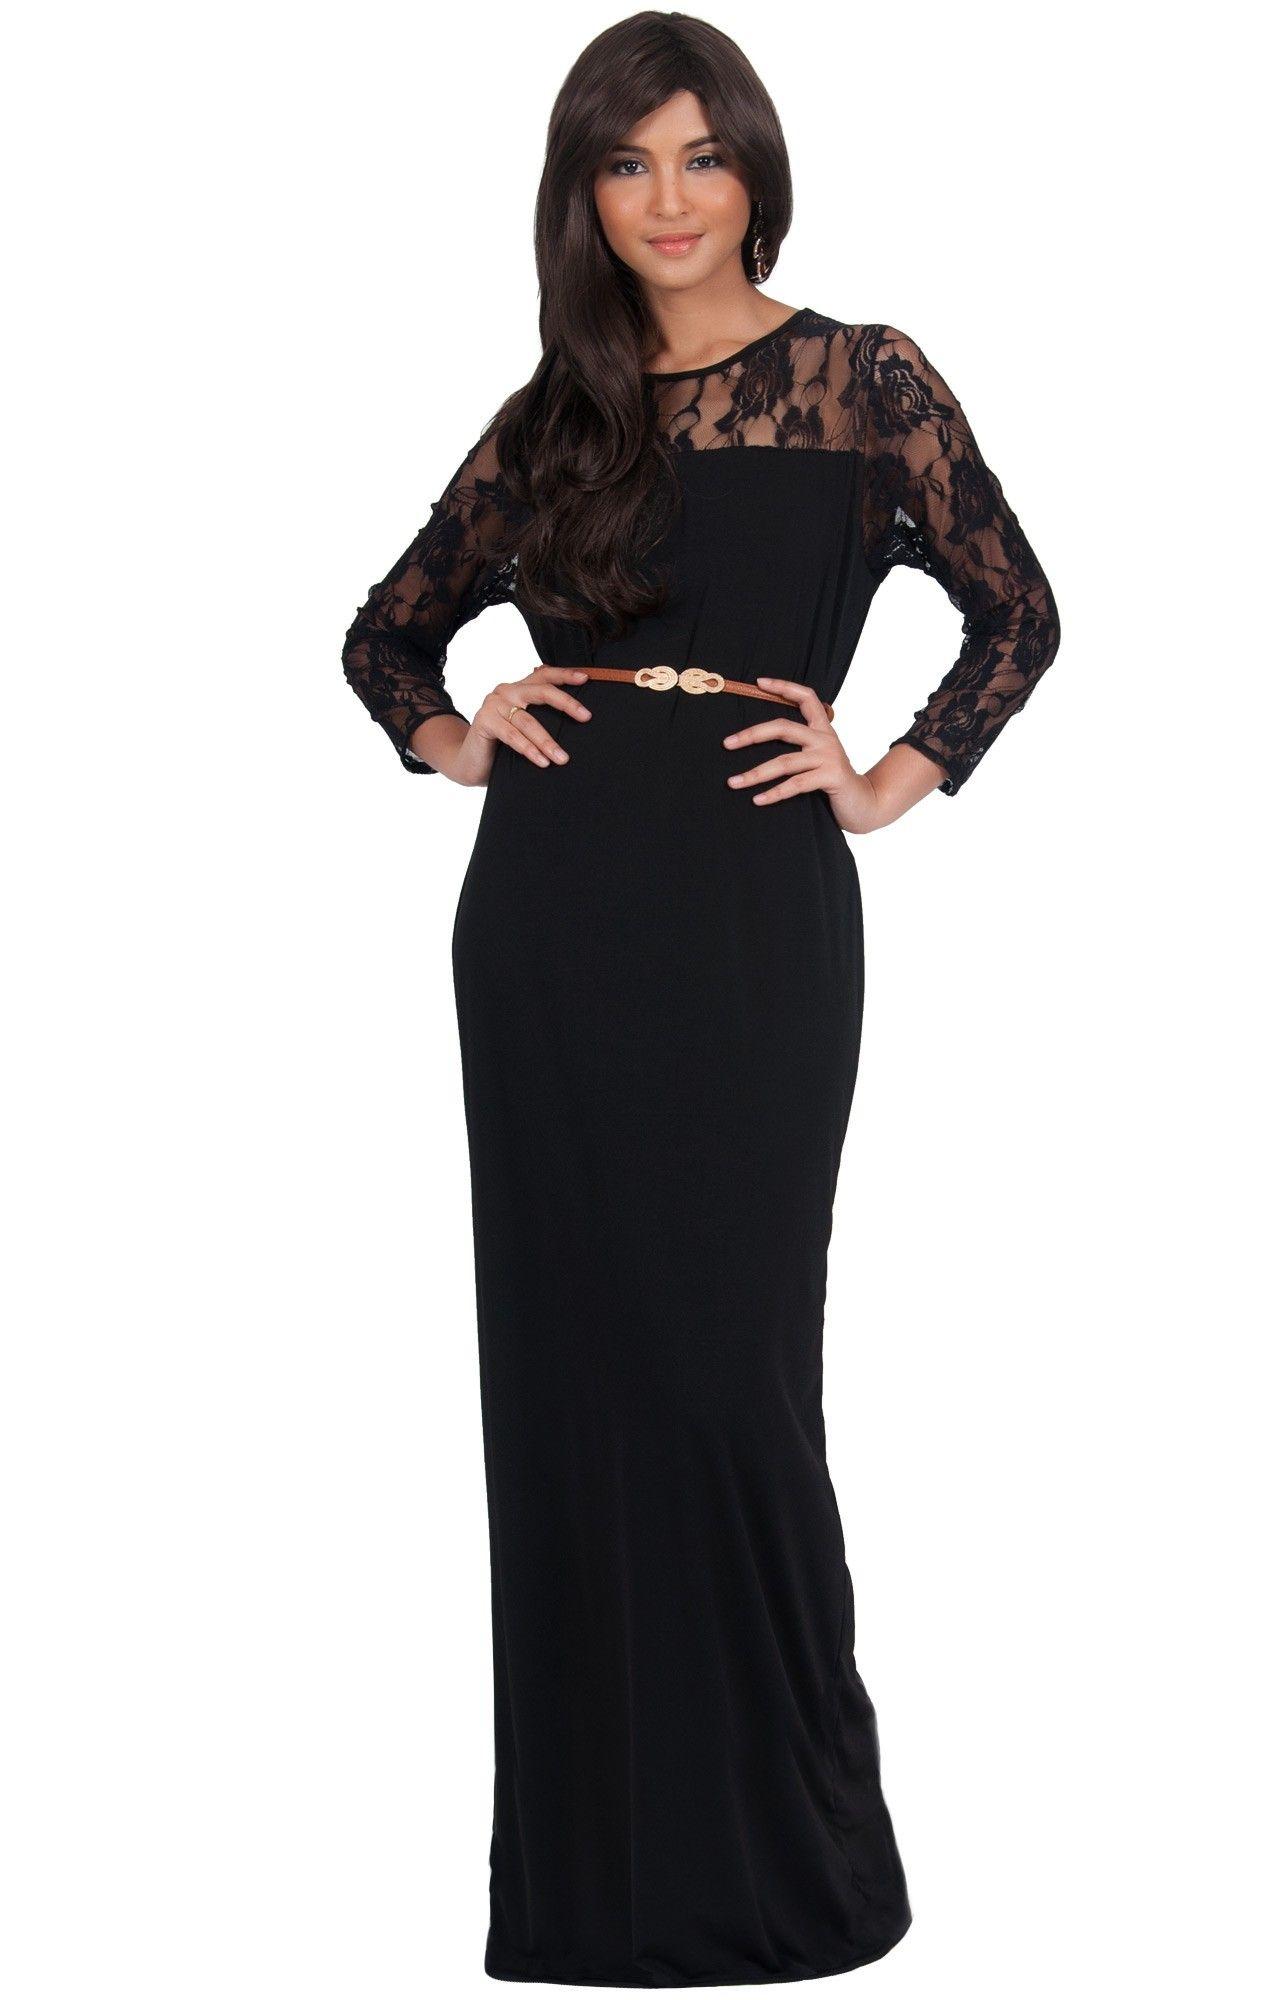 Slimming black maxi dress